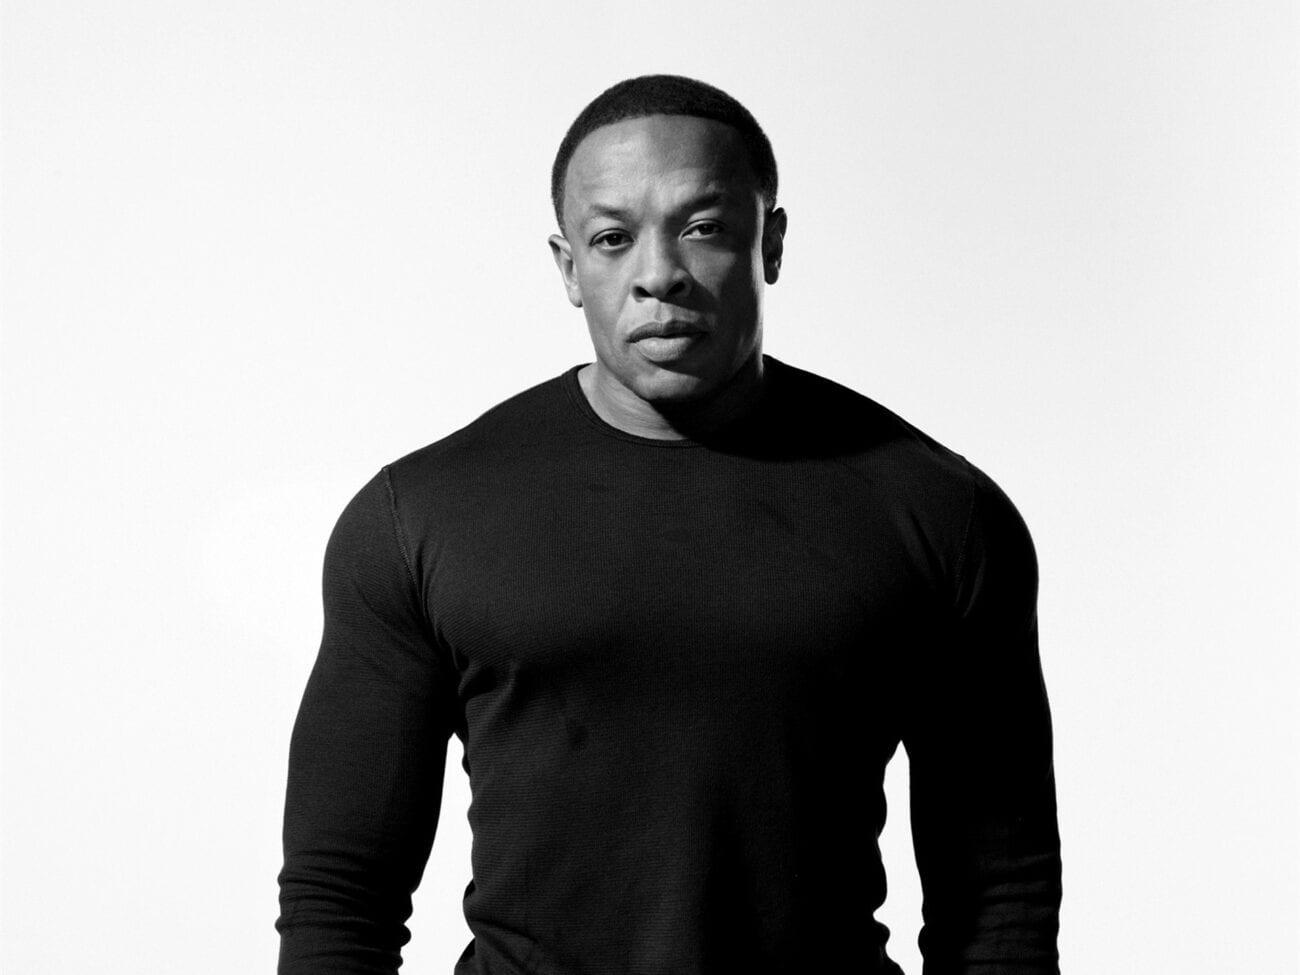 ¡Otra desgracia en el mundo del hip-hop! Dr. Dre fue ingresado de emergencia en el hospital, entérate del estado de salud del rapero aquí.